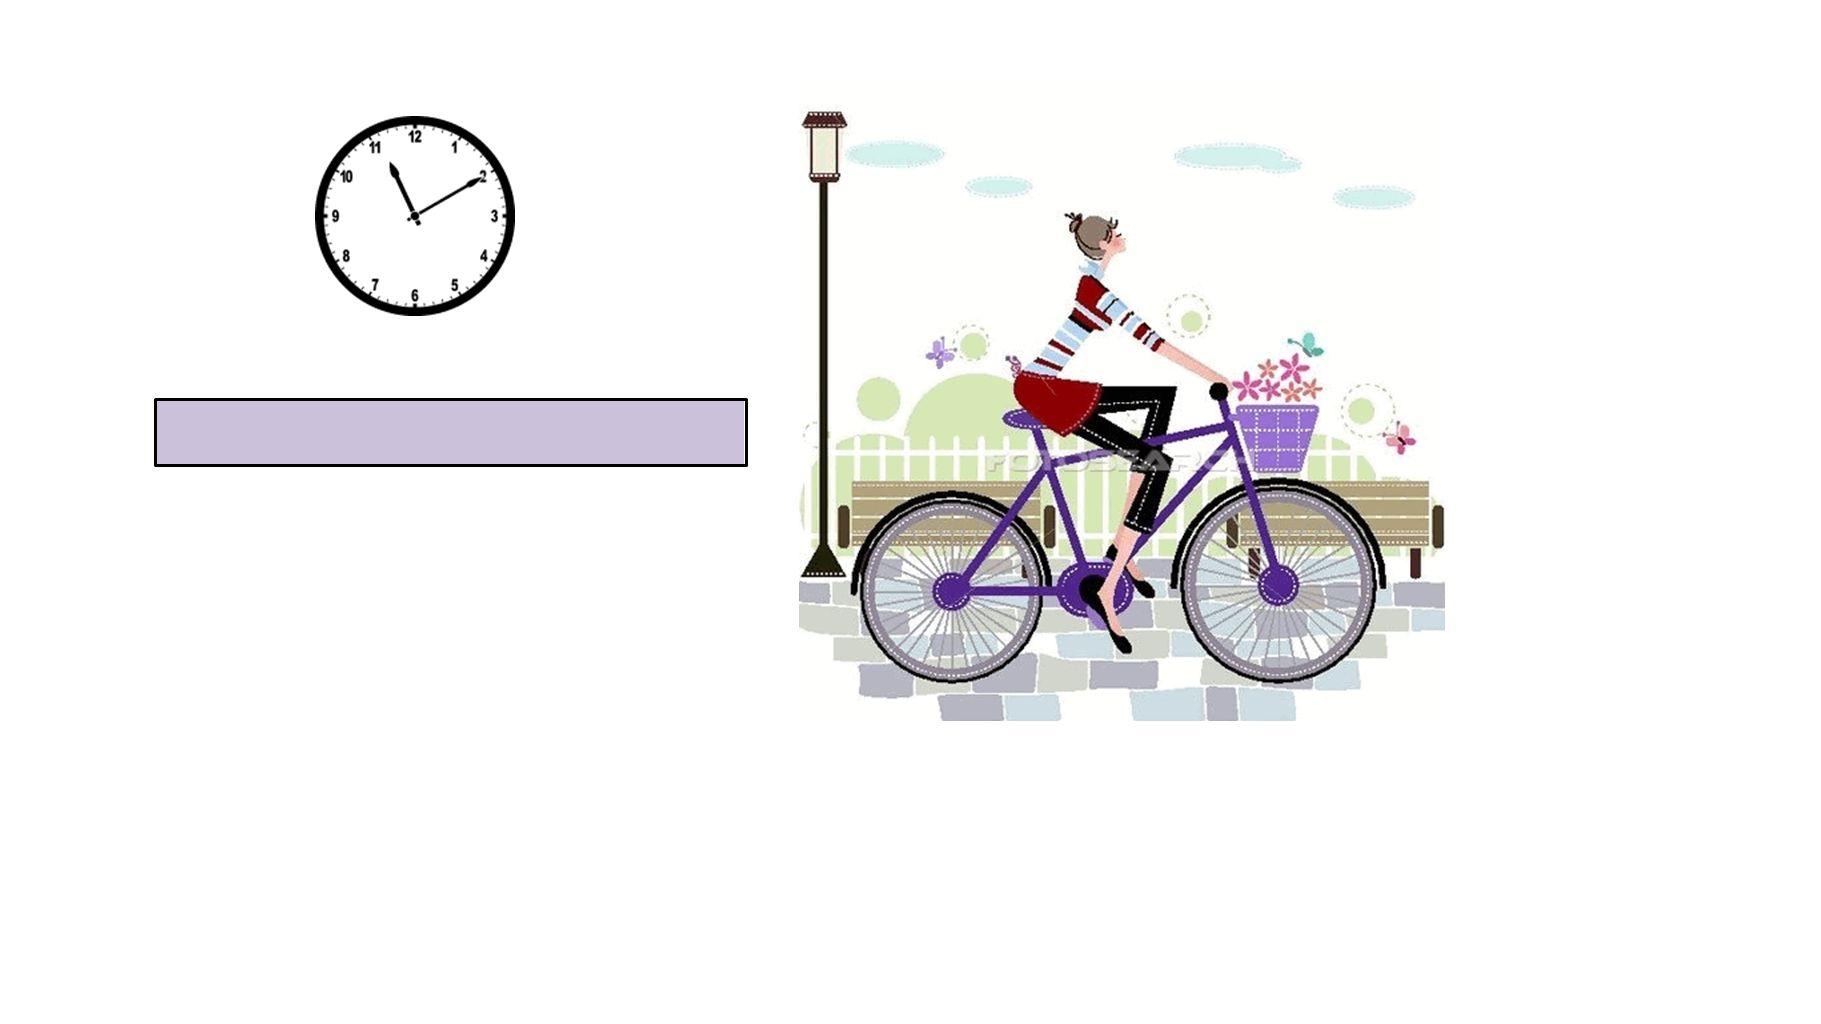 Sie fährt Rad um zehn nach elf.